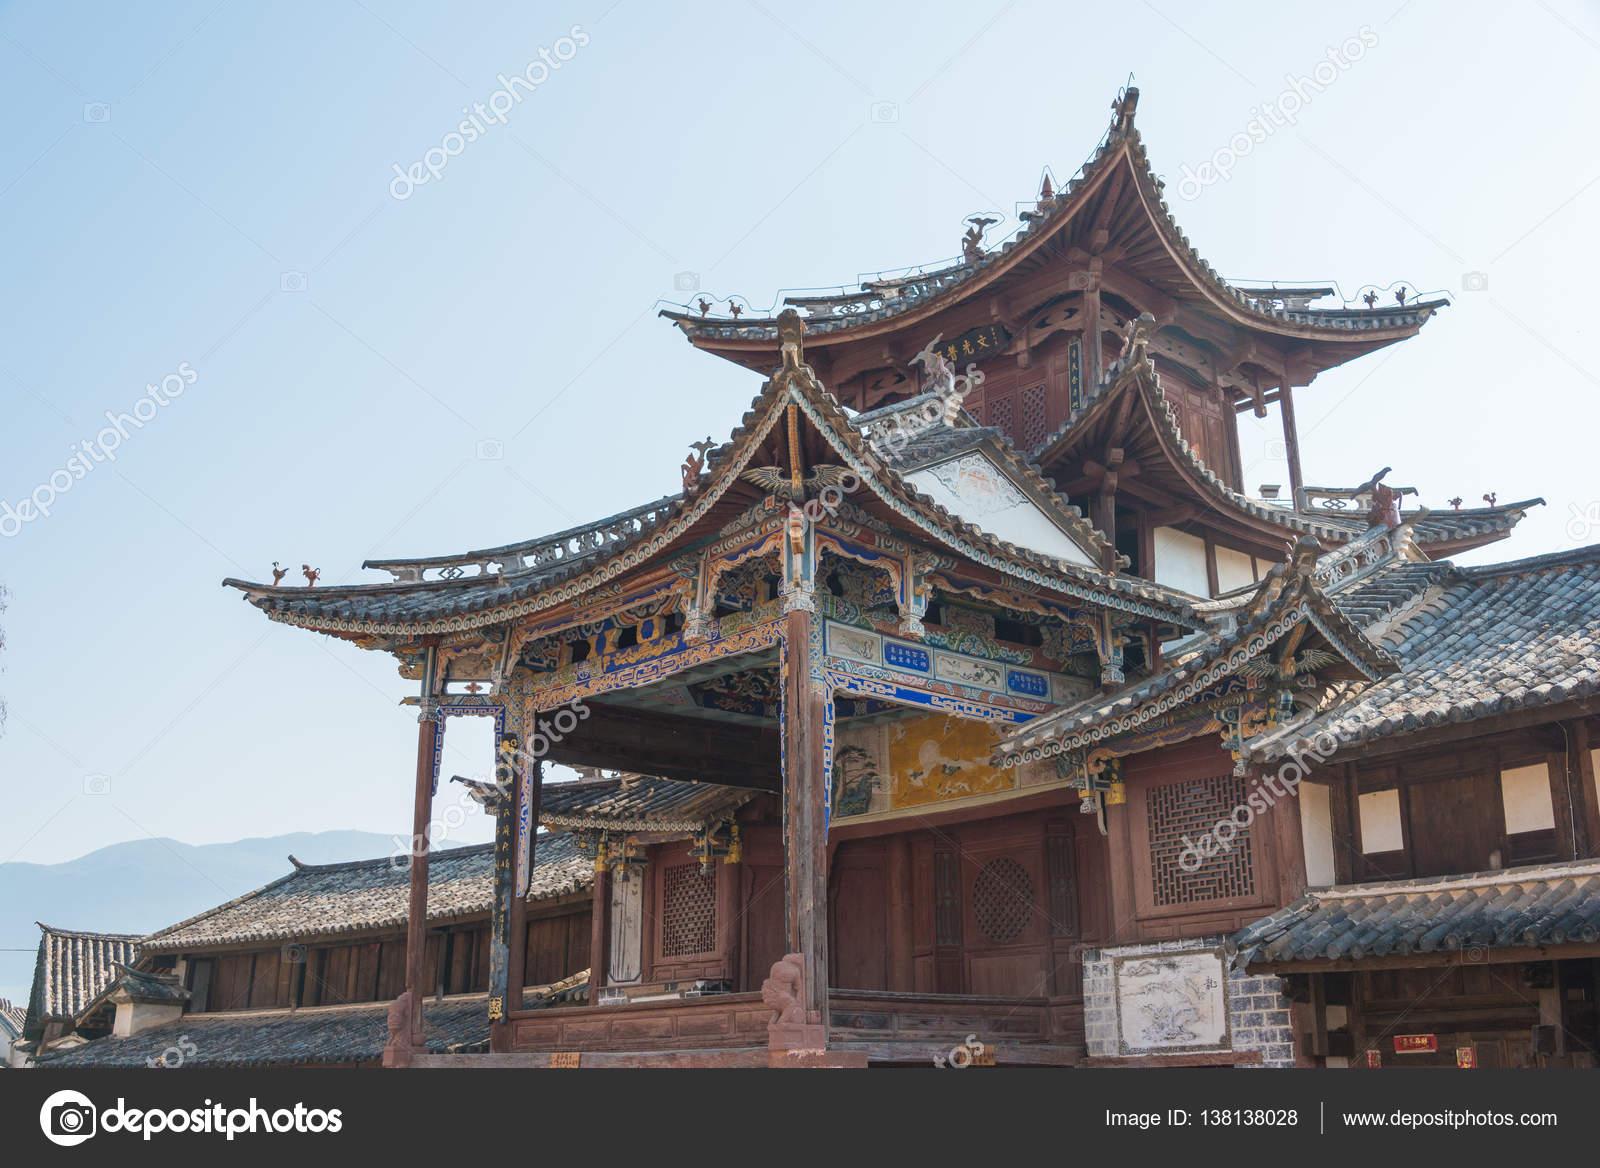 YUNNAN CHINA MAR 20 2015 Shaxi Ancient village a famous Ancient